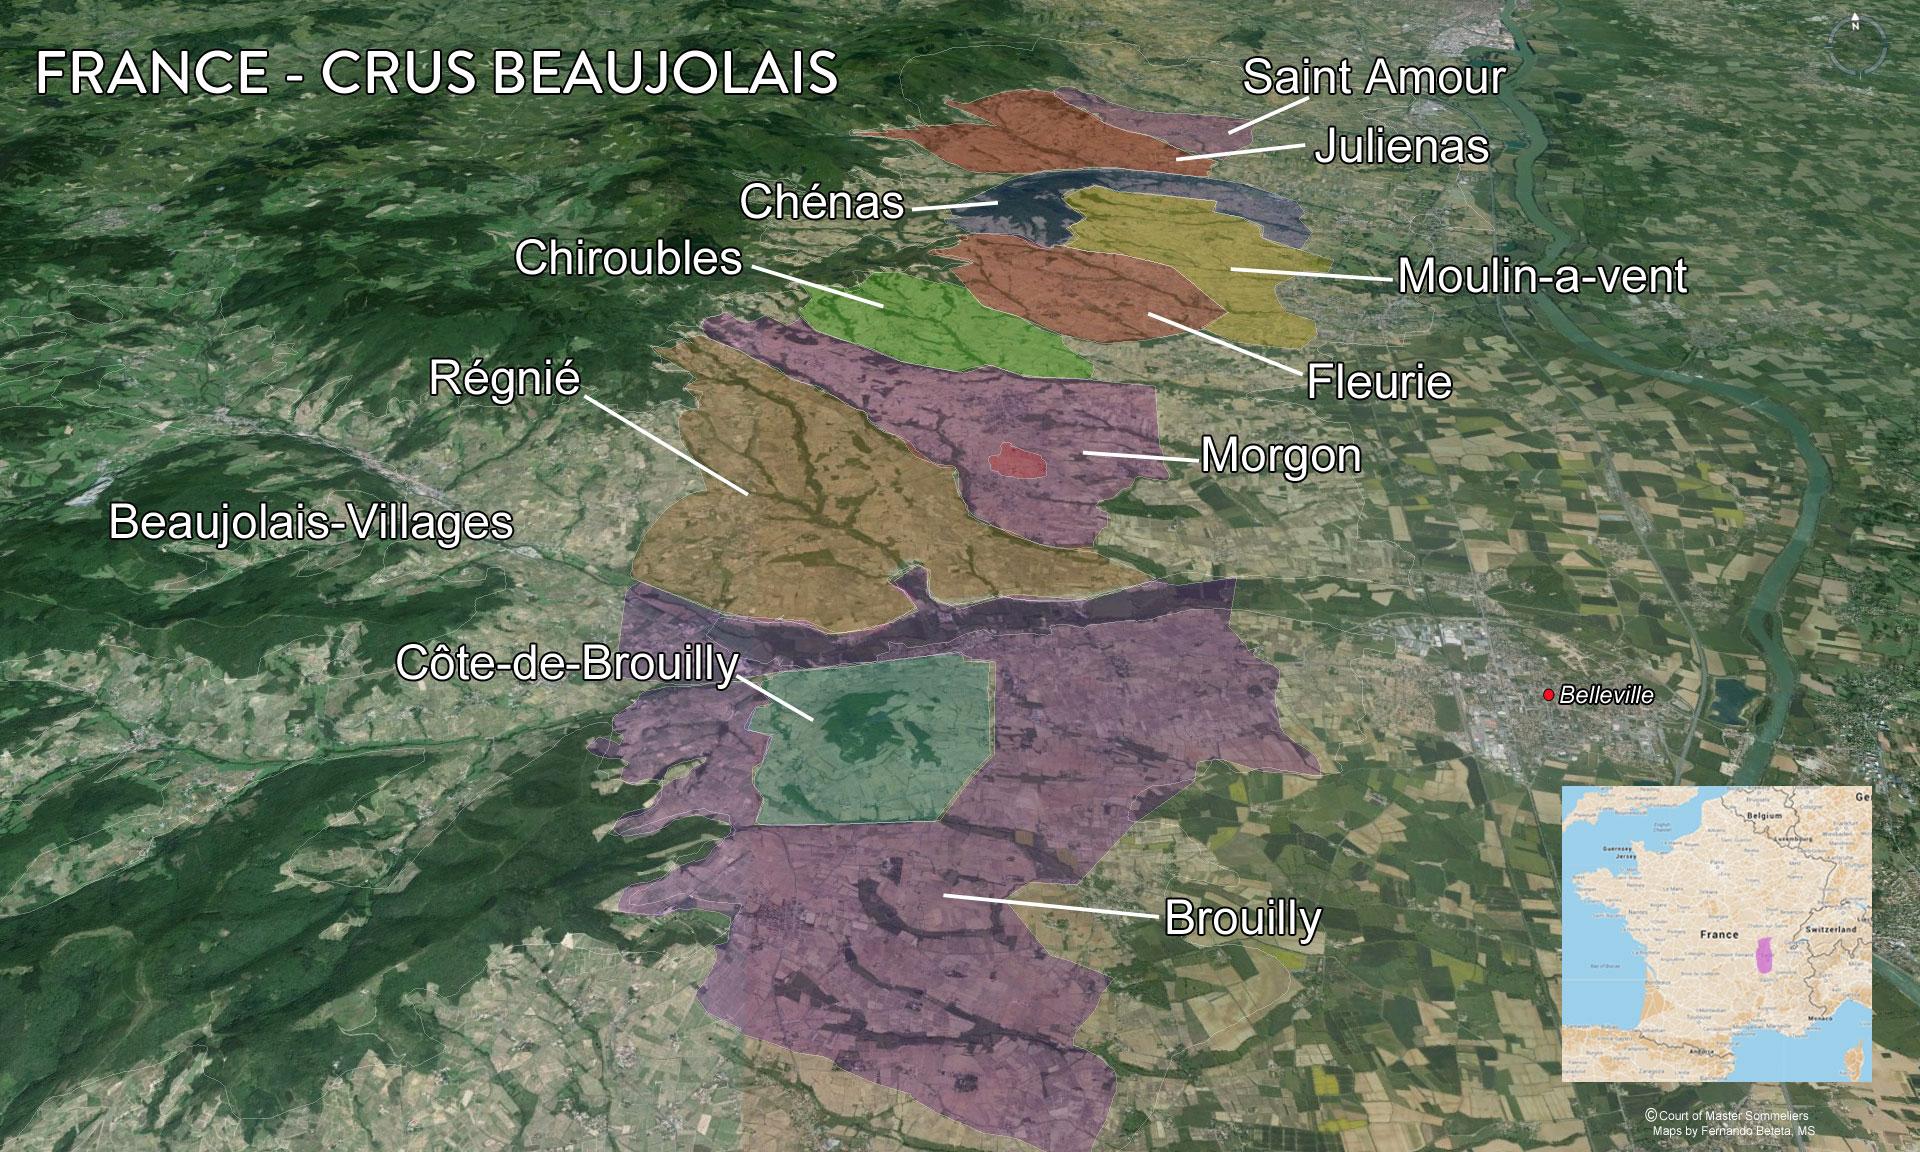 France - Crus Beaujolais